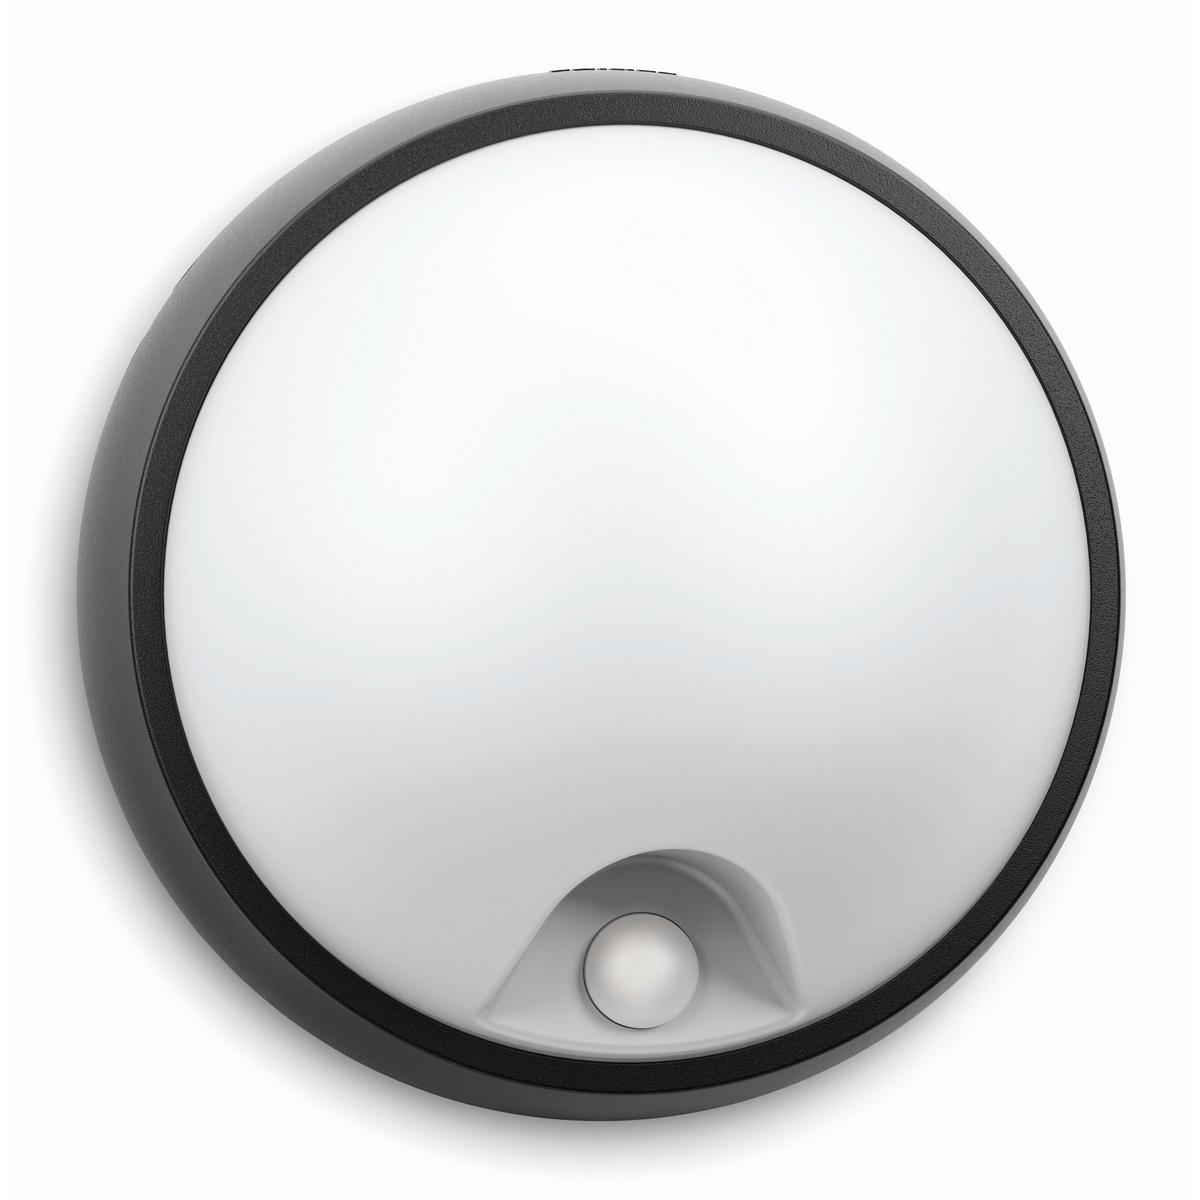 Philips 17318/30/16 Eagle Venkovní nástěnné LED svítidlo s čidlem 17 cm, černá